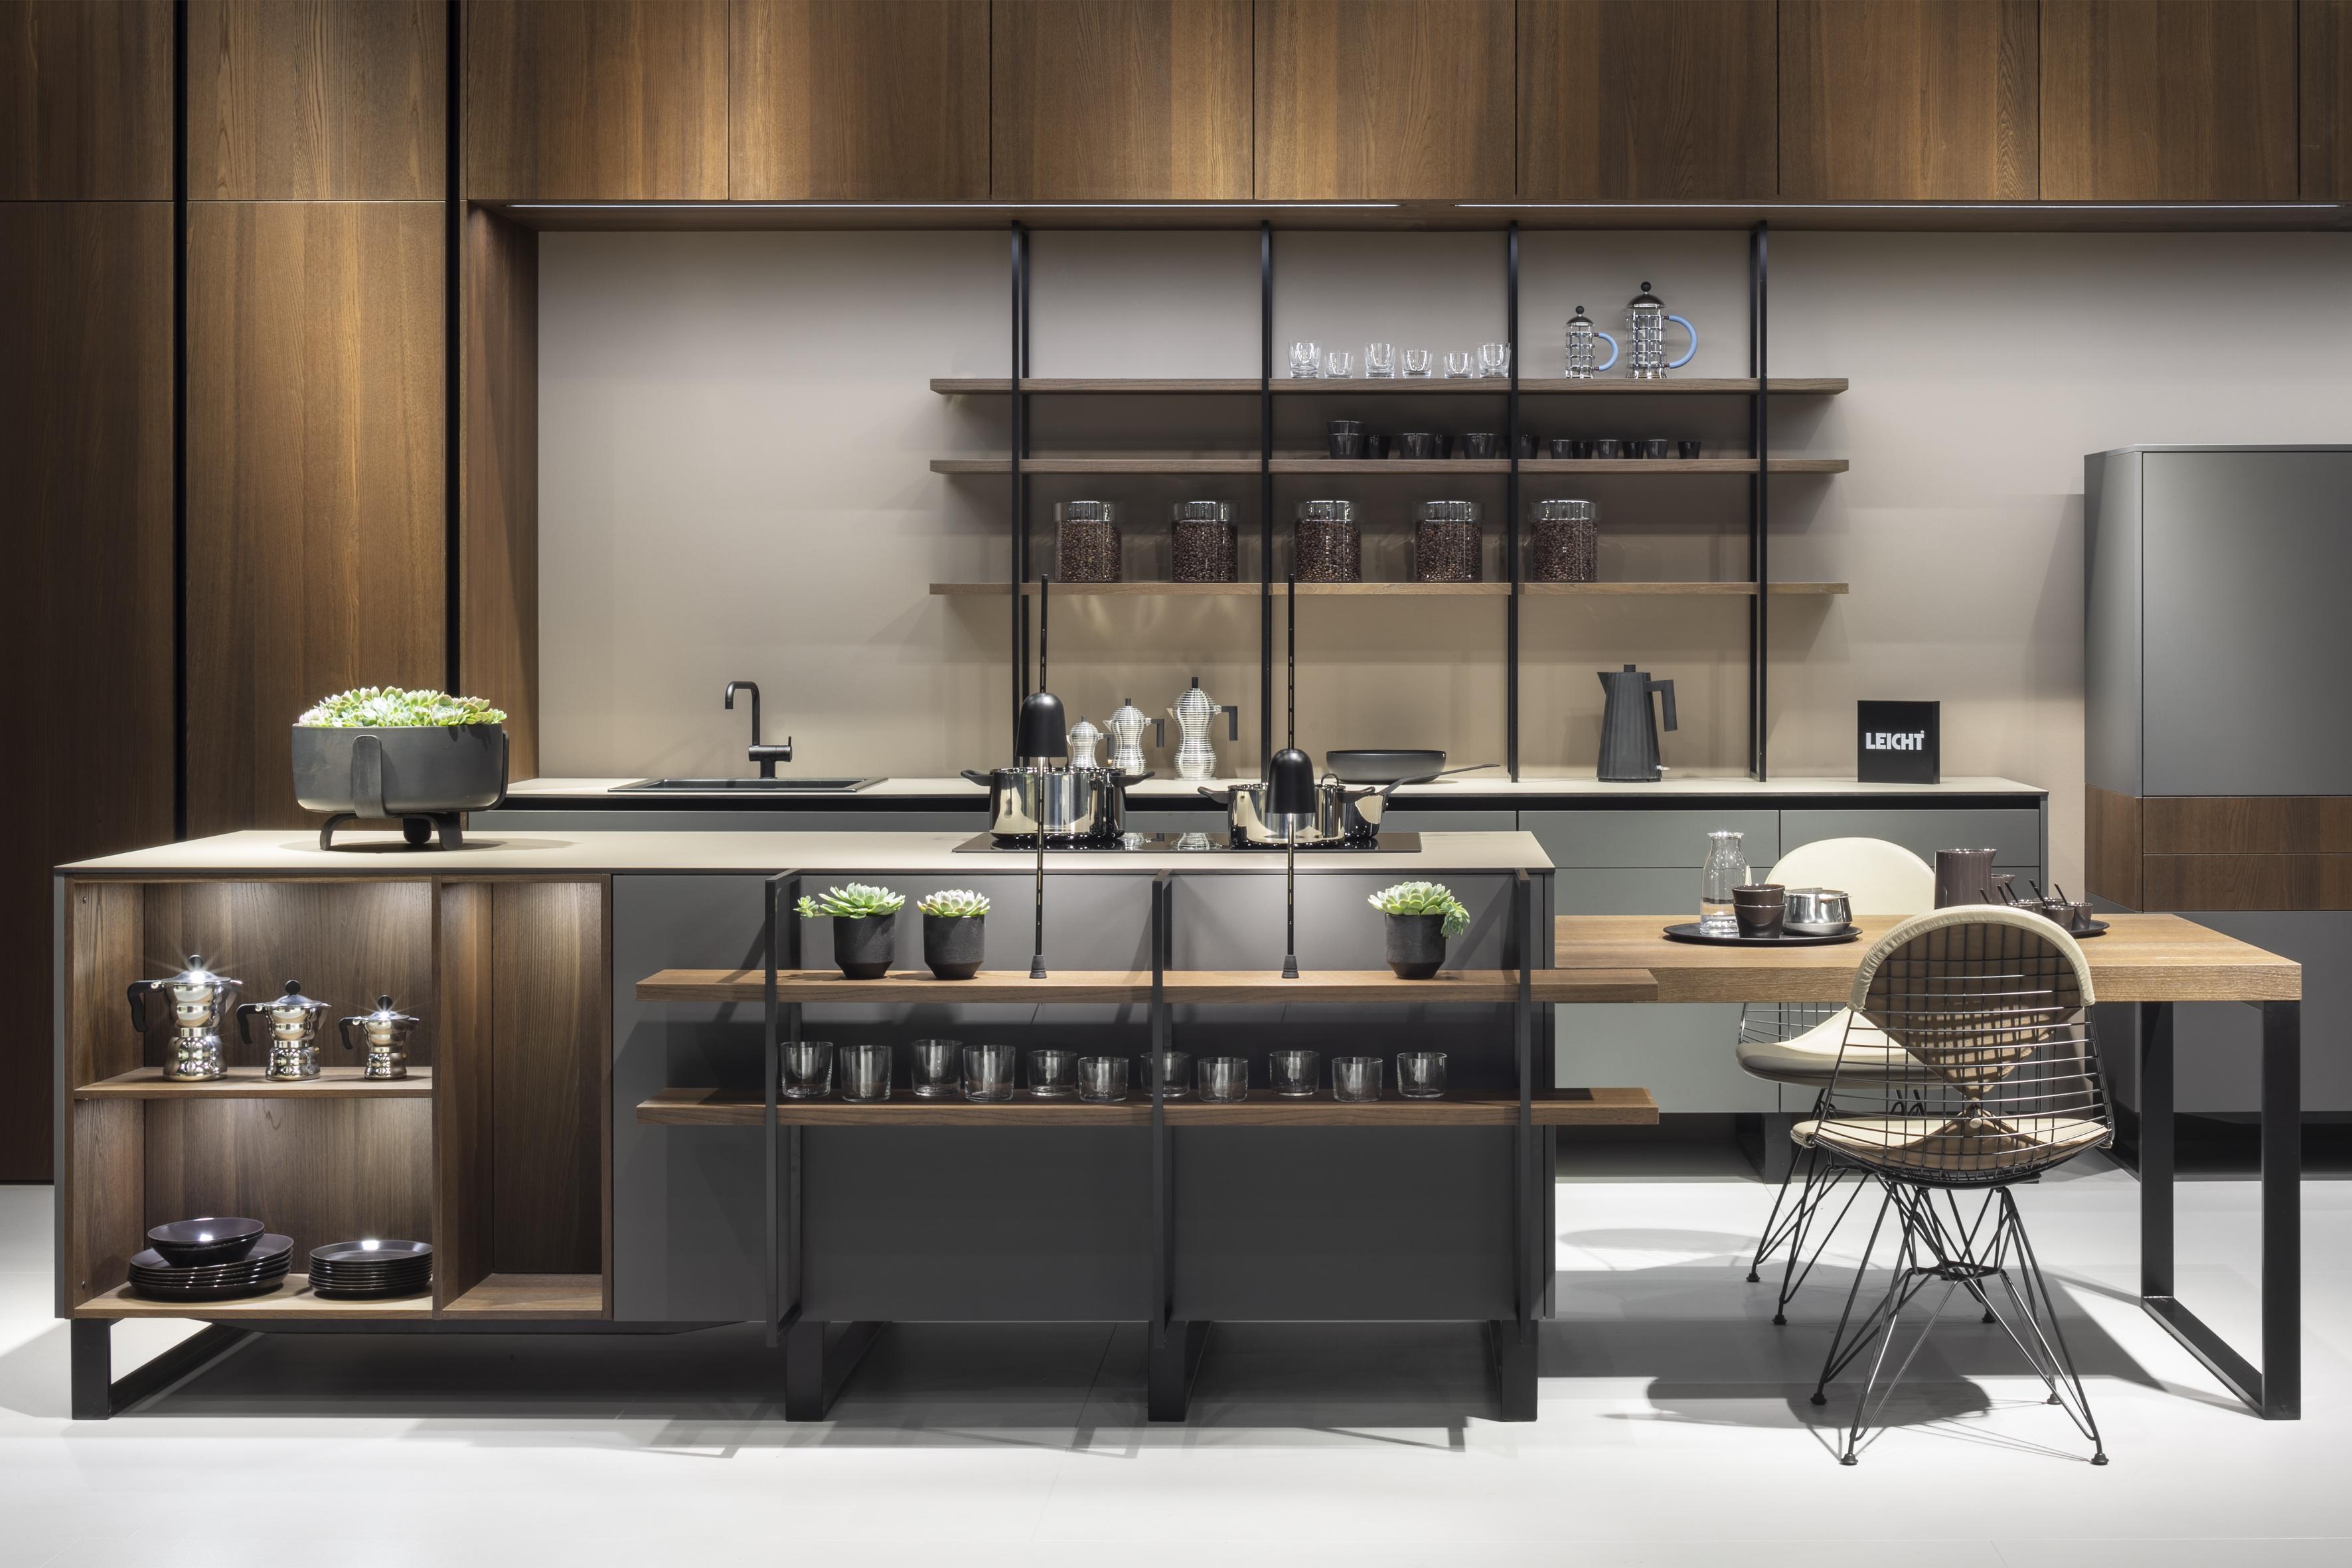 Кухня leicht barista